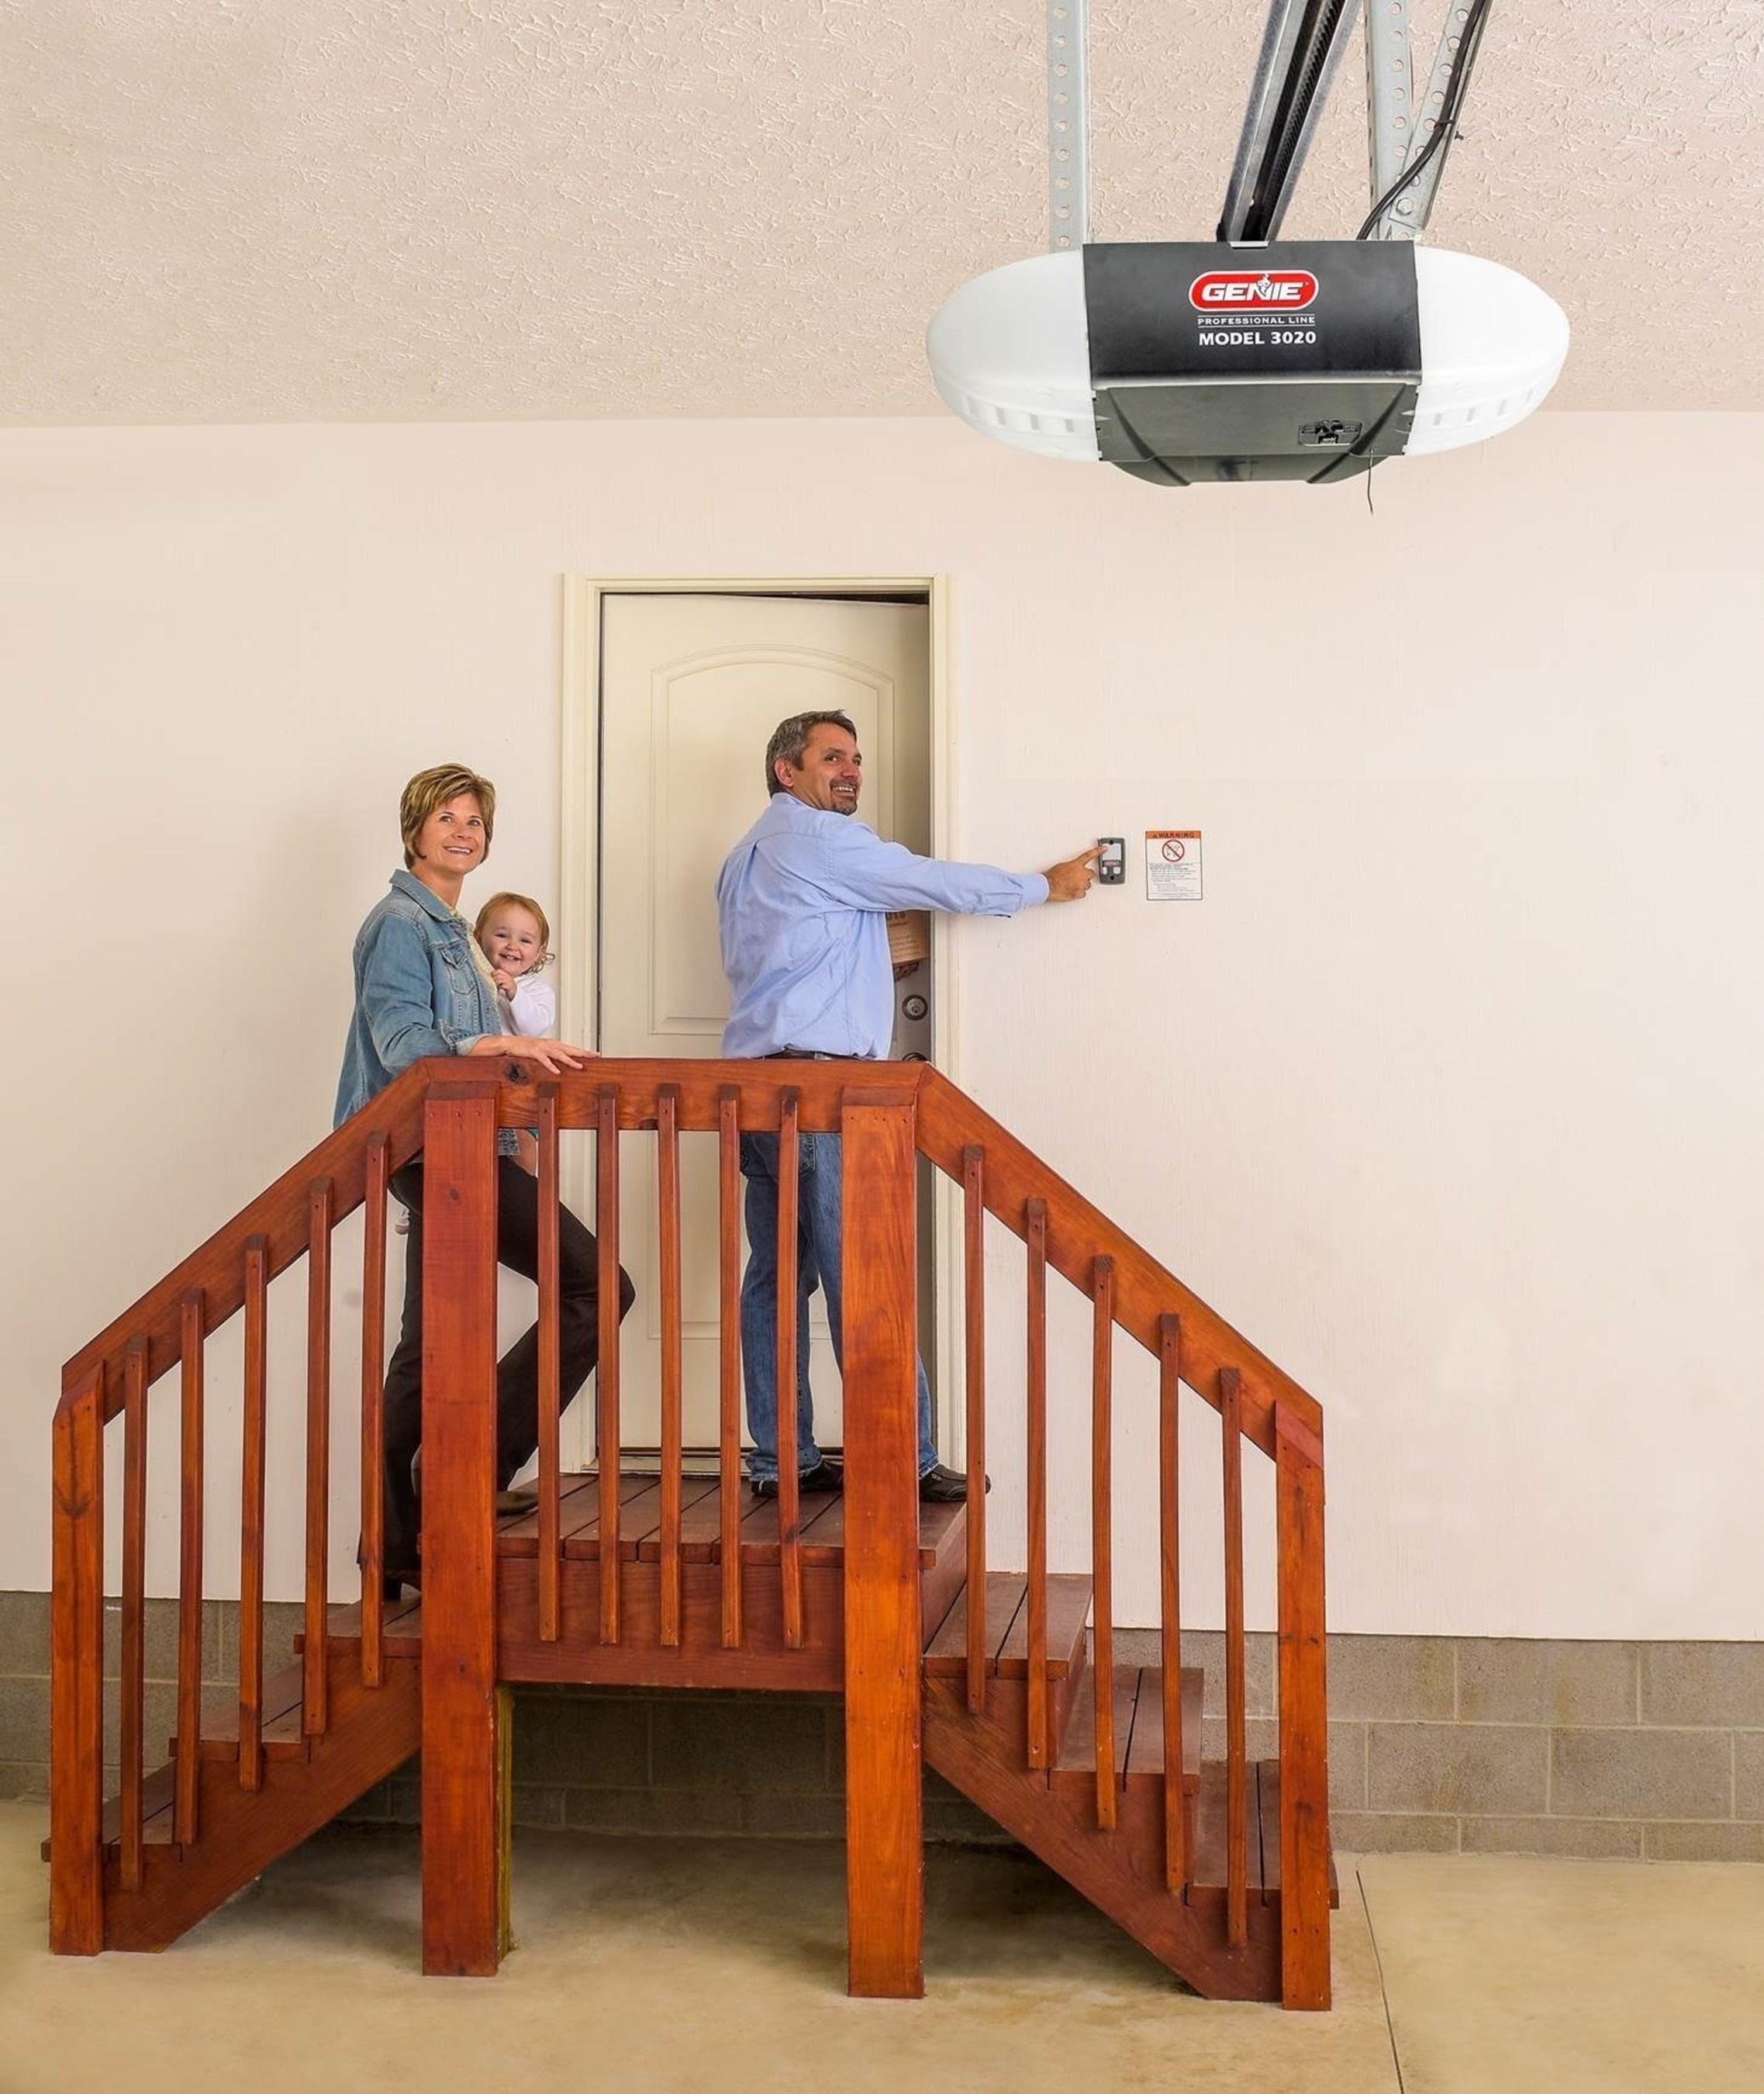 Genie Announces New Model 3020 Garage Door Opener